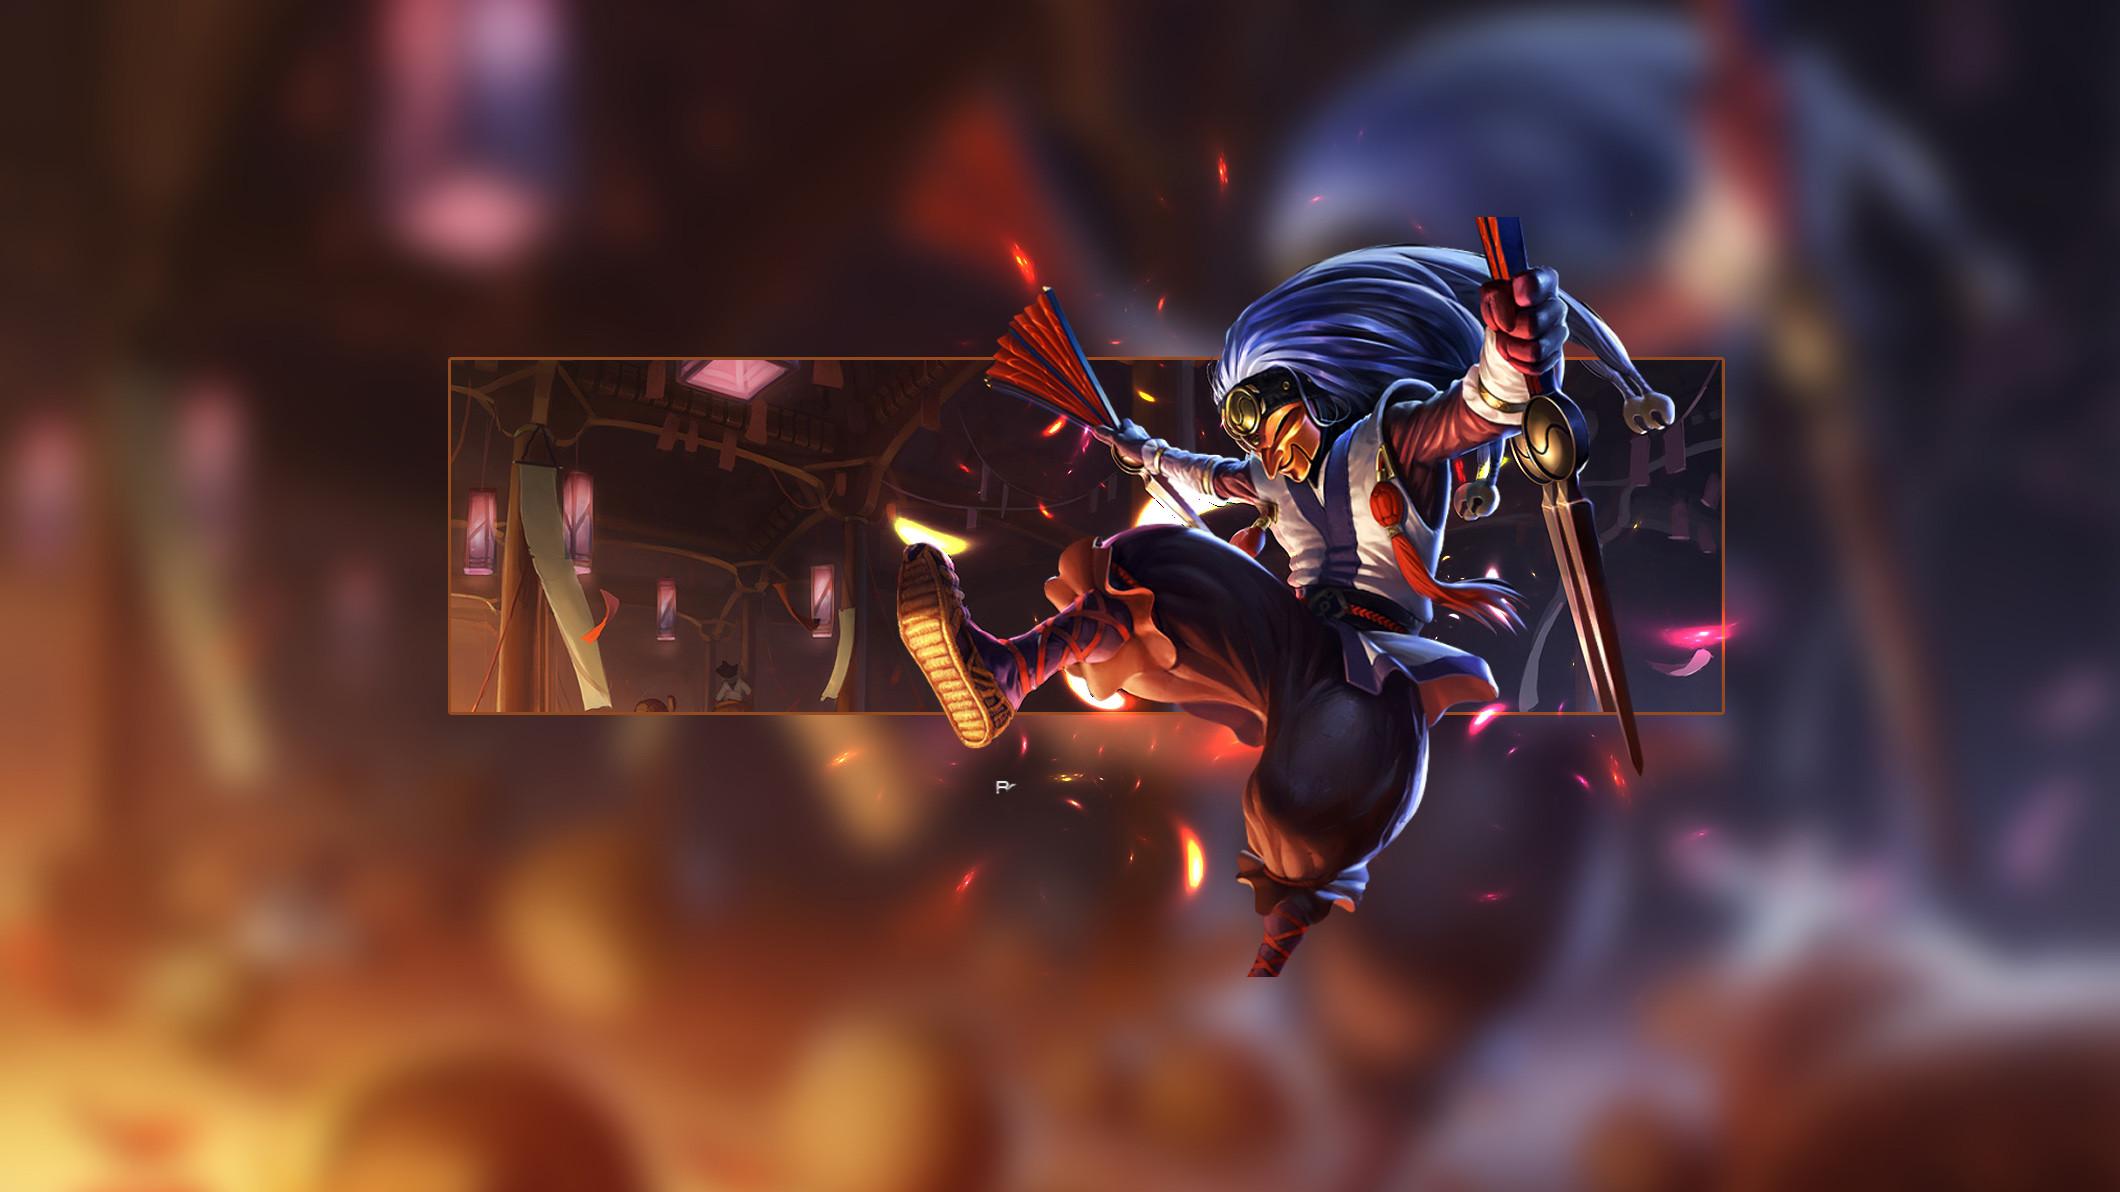 Masked Shaco by Insane HD Wallpaper Fan Art Artwork League of Legends lol